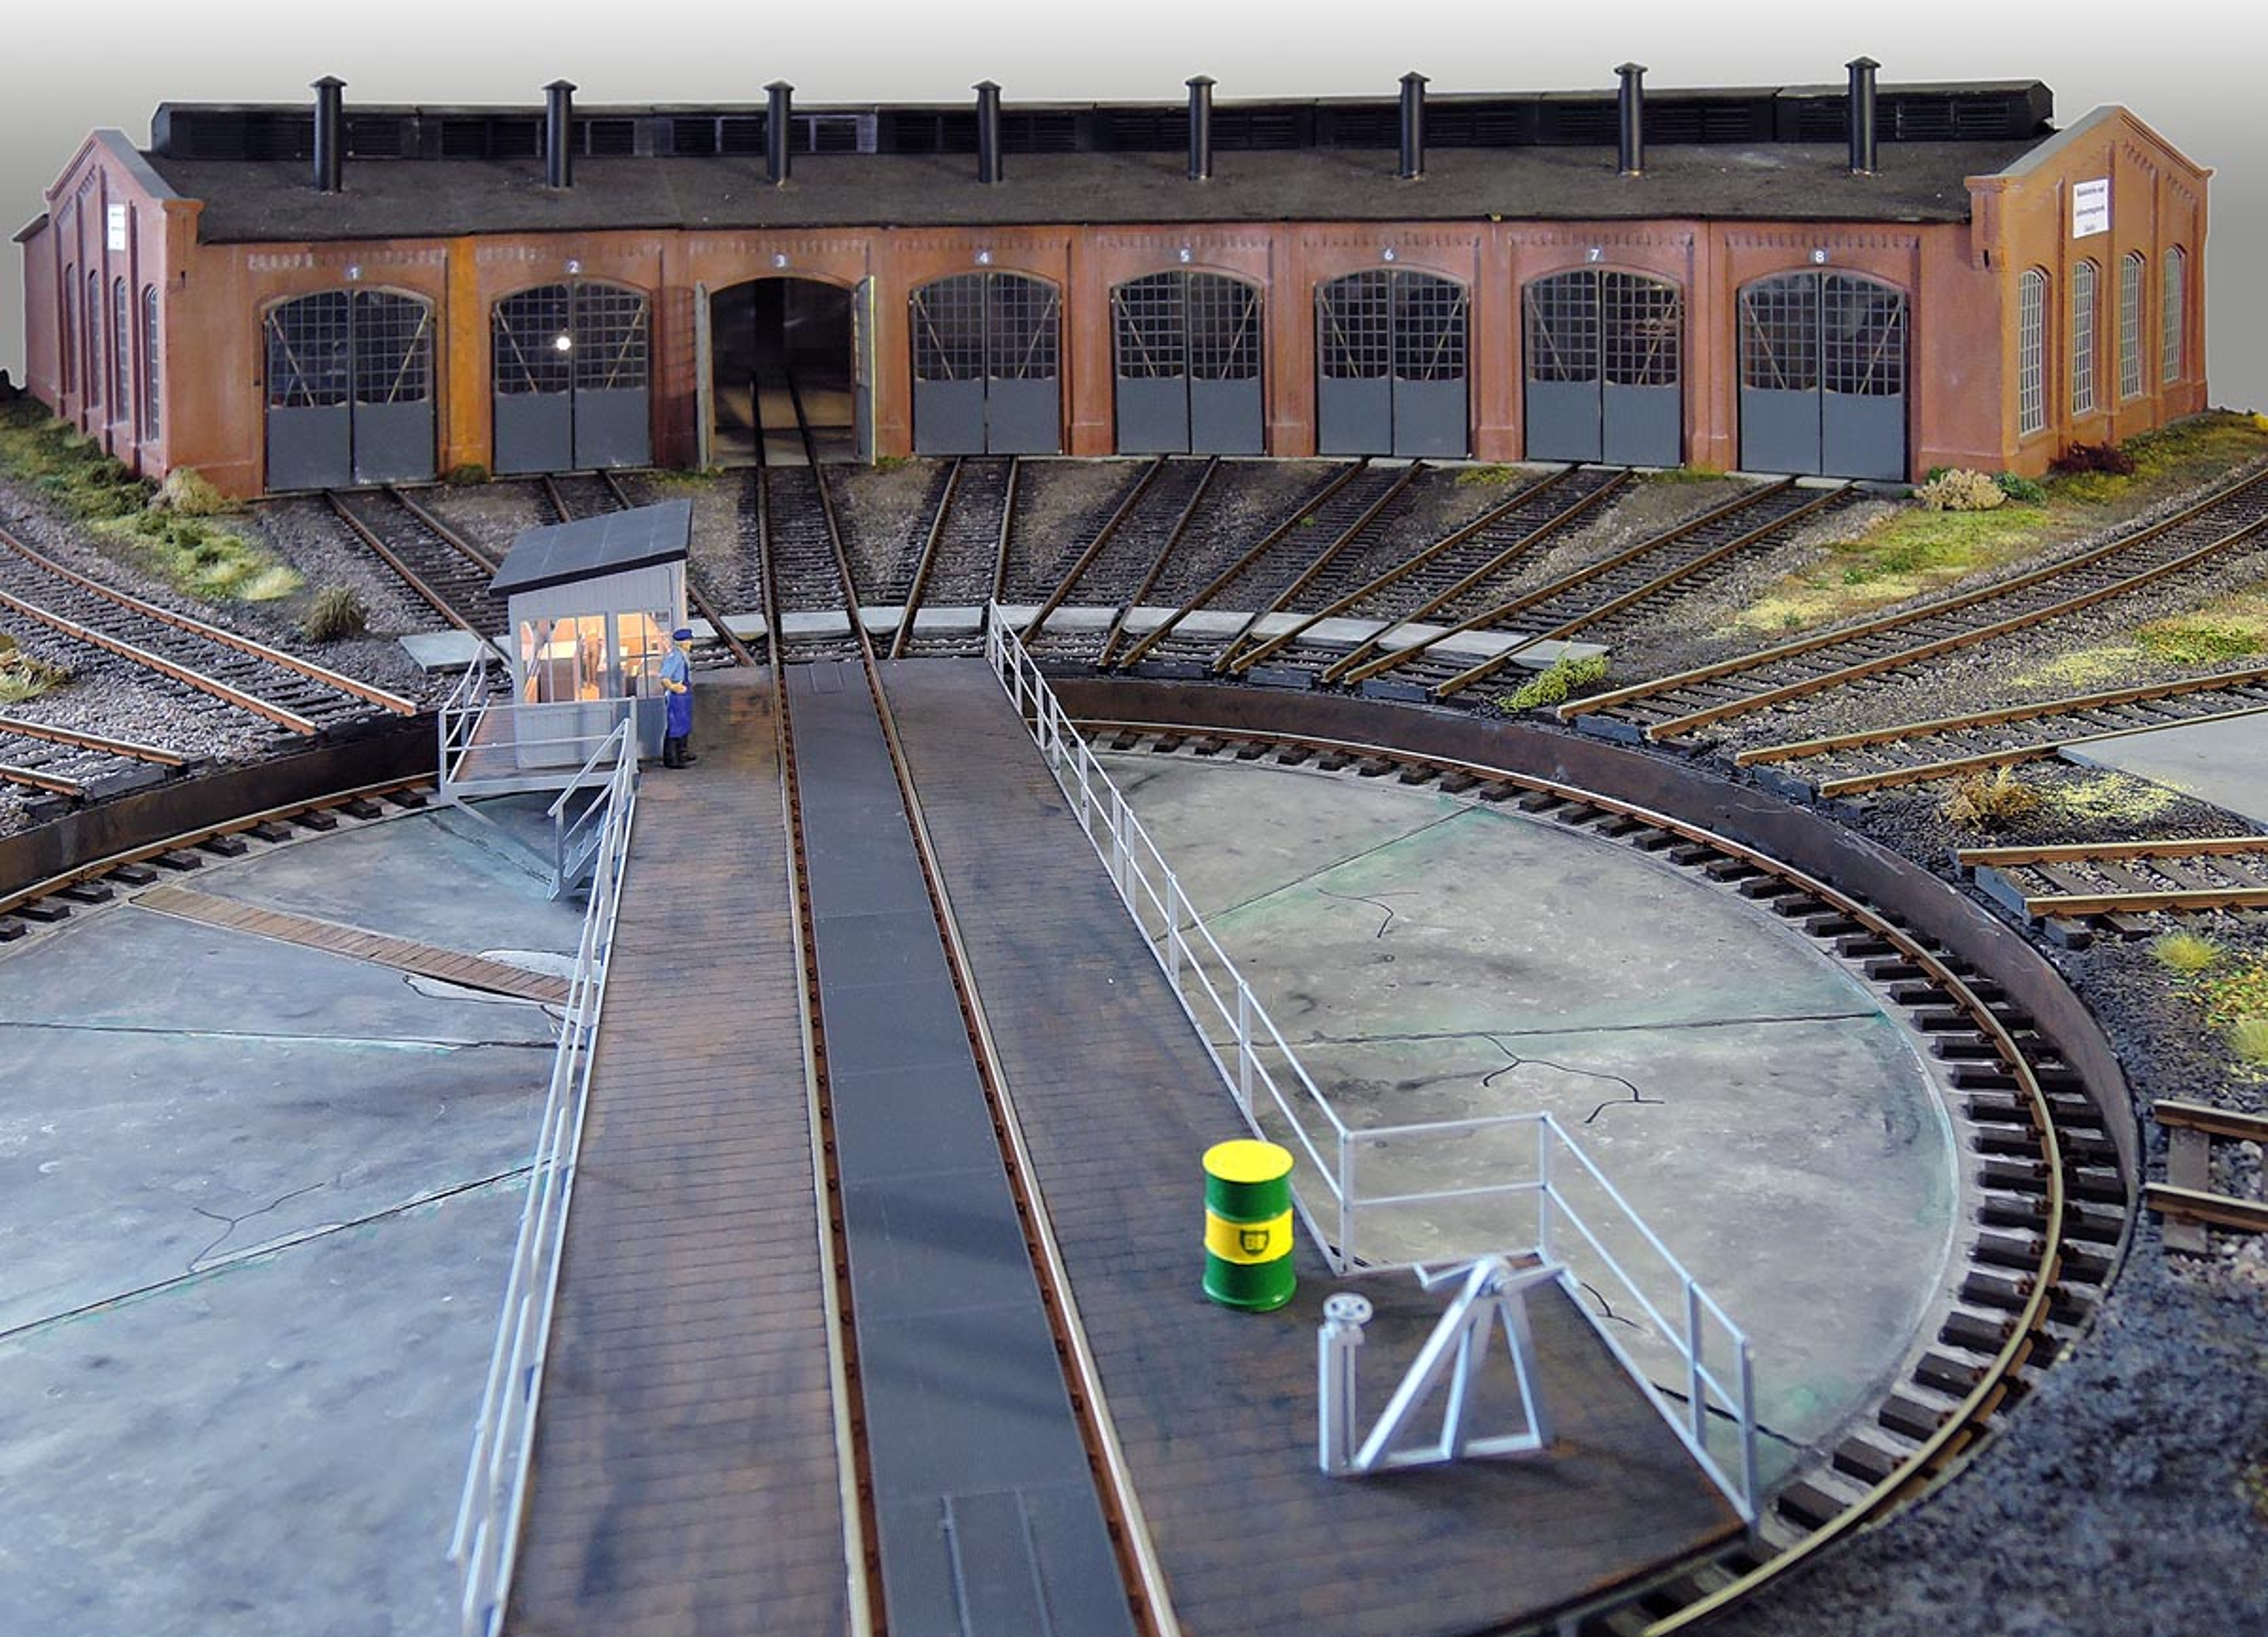 Bahnbetriebswerk Werkstatt Lokschuppen Werkstattausstattung Arbeitstisch